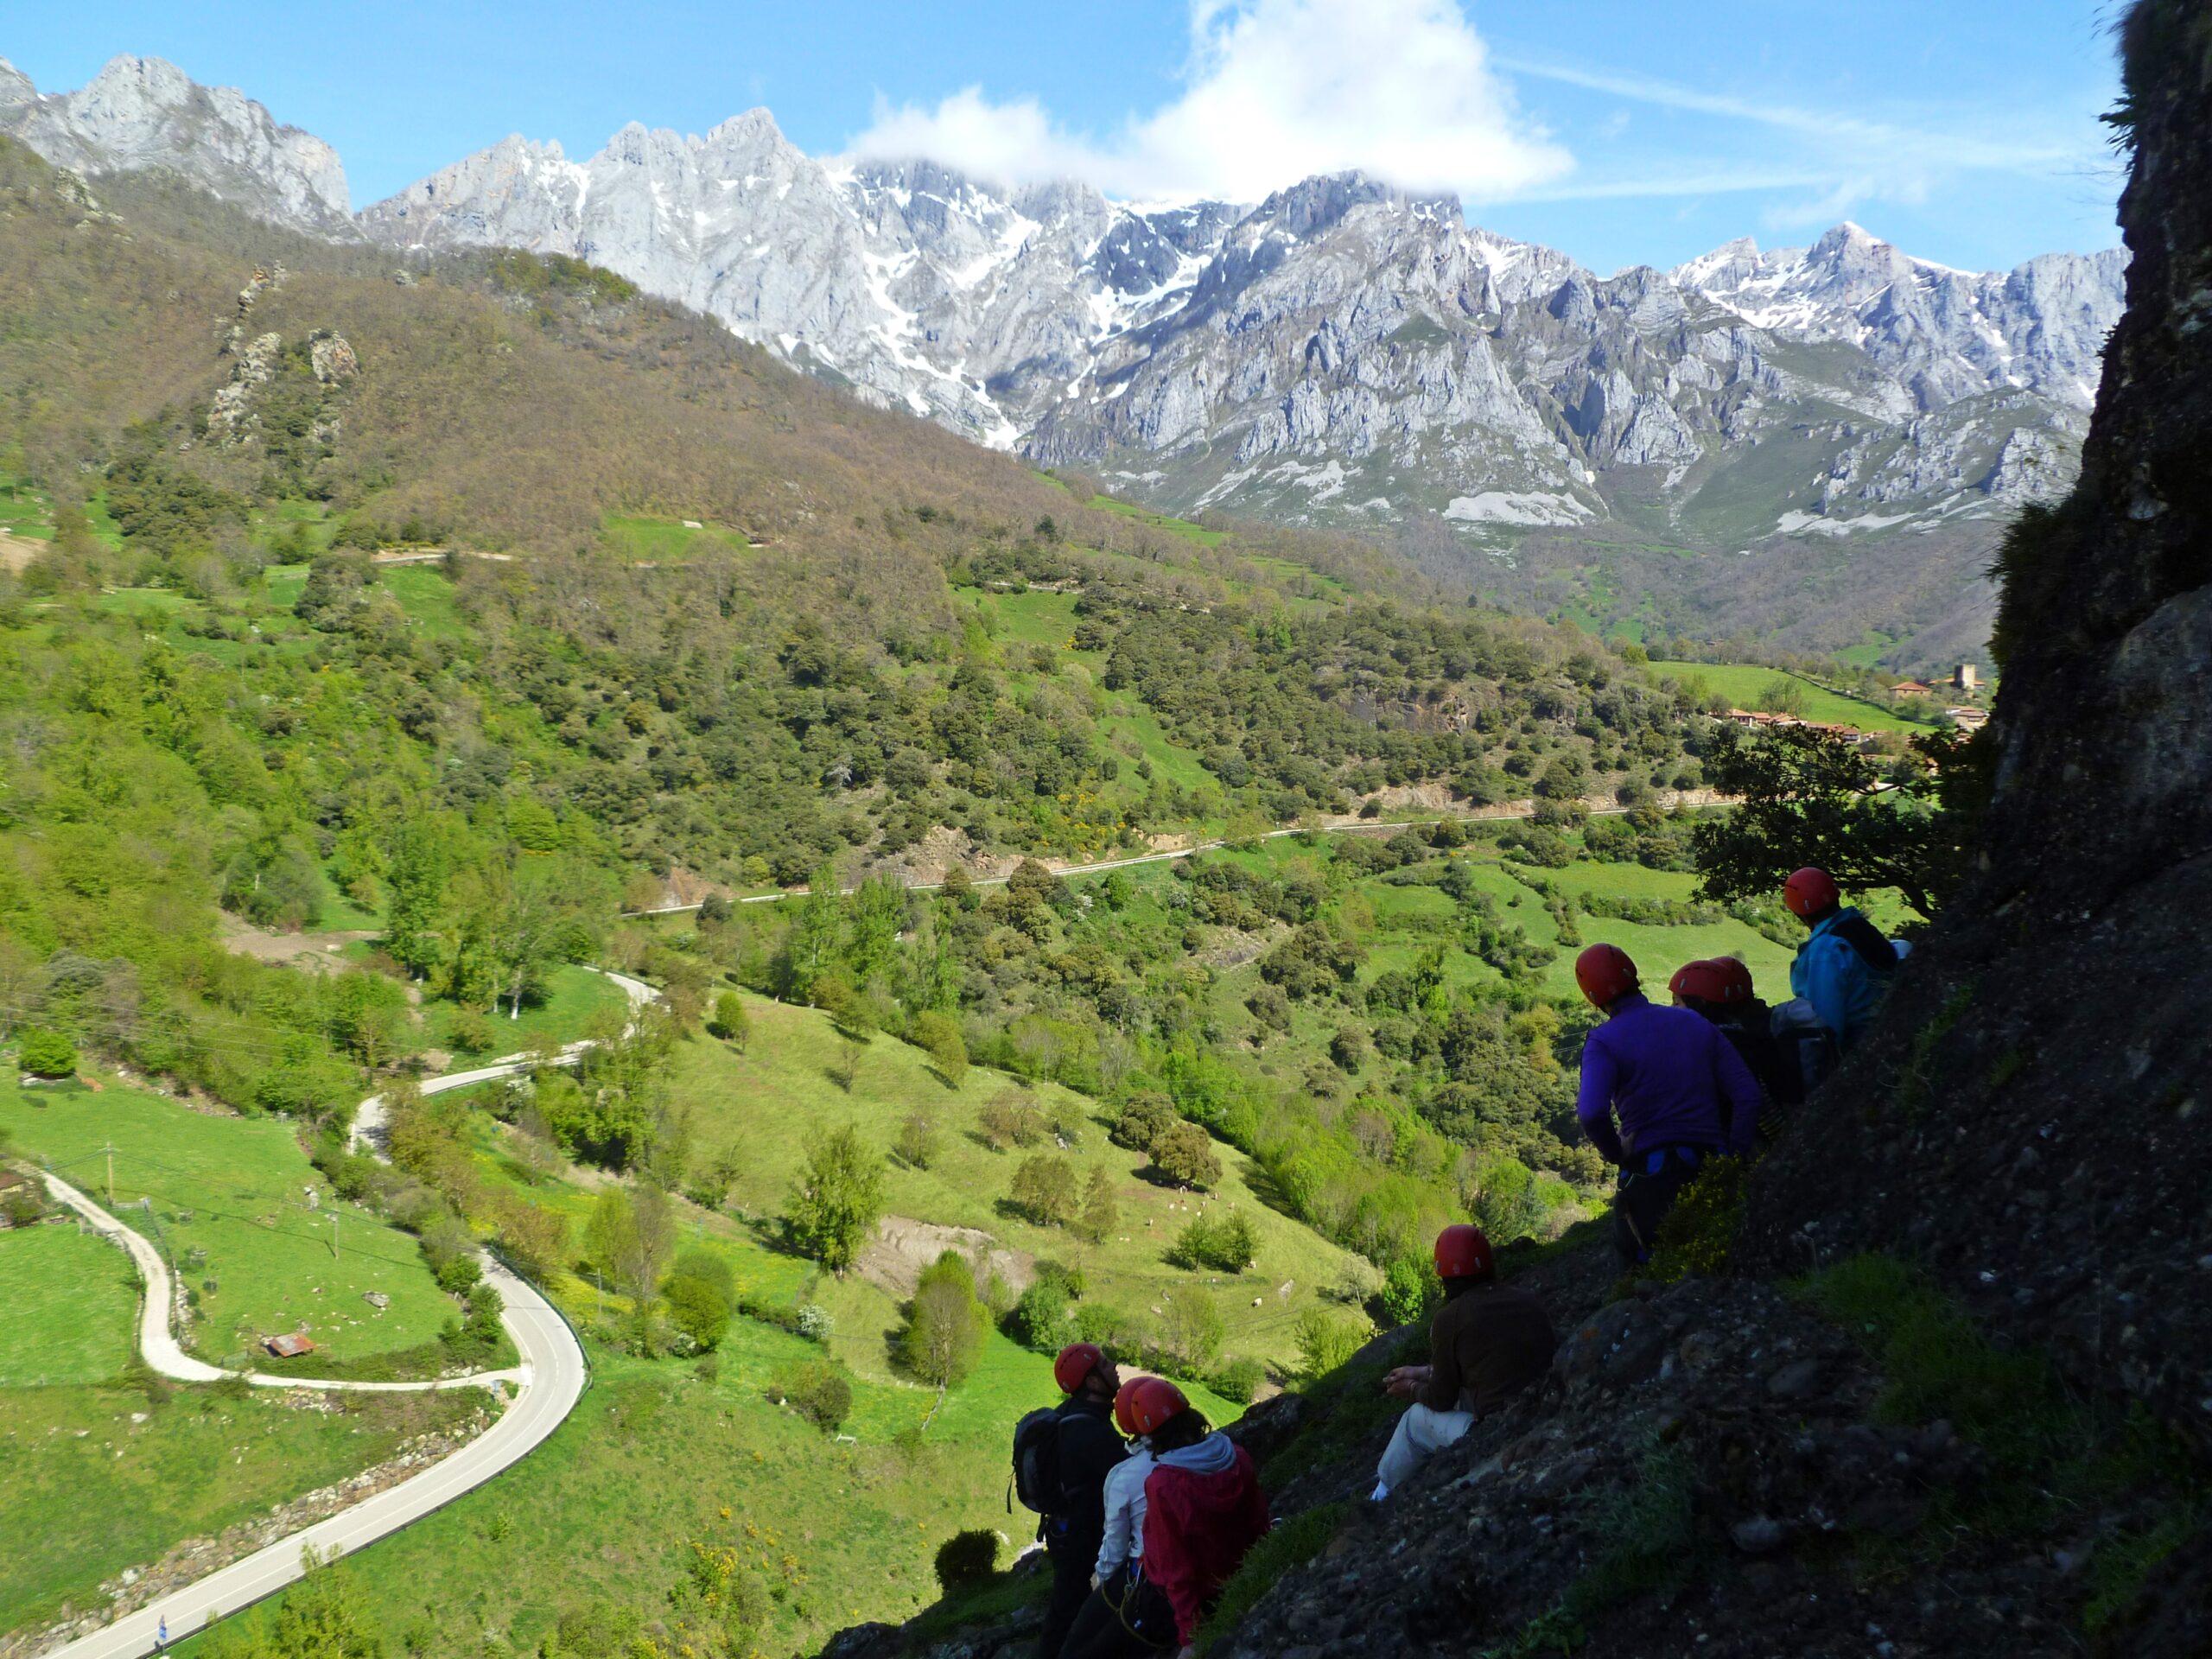 Valle de Liébana turismo activo